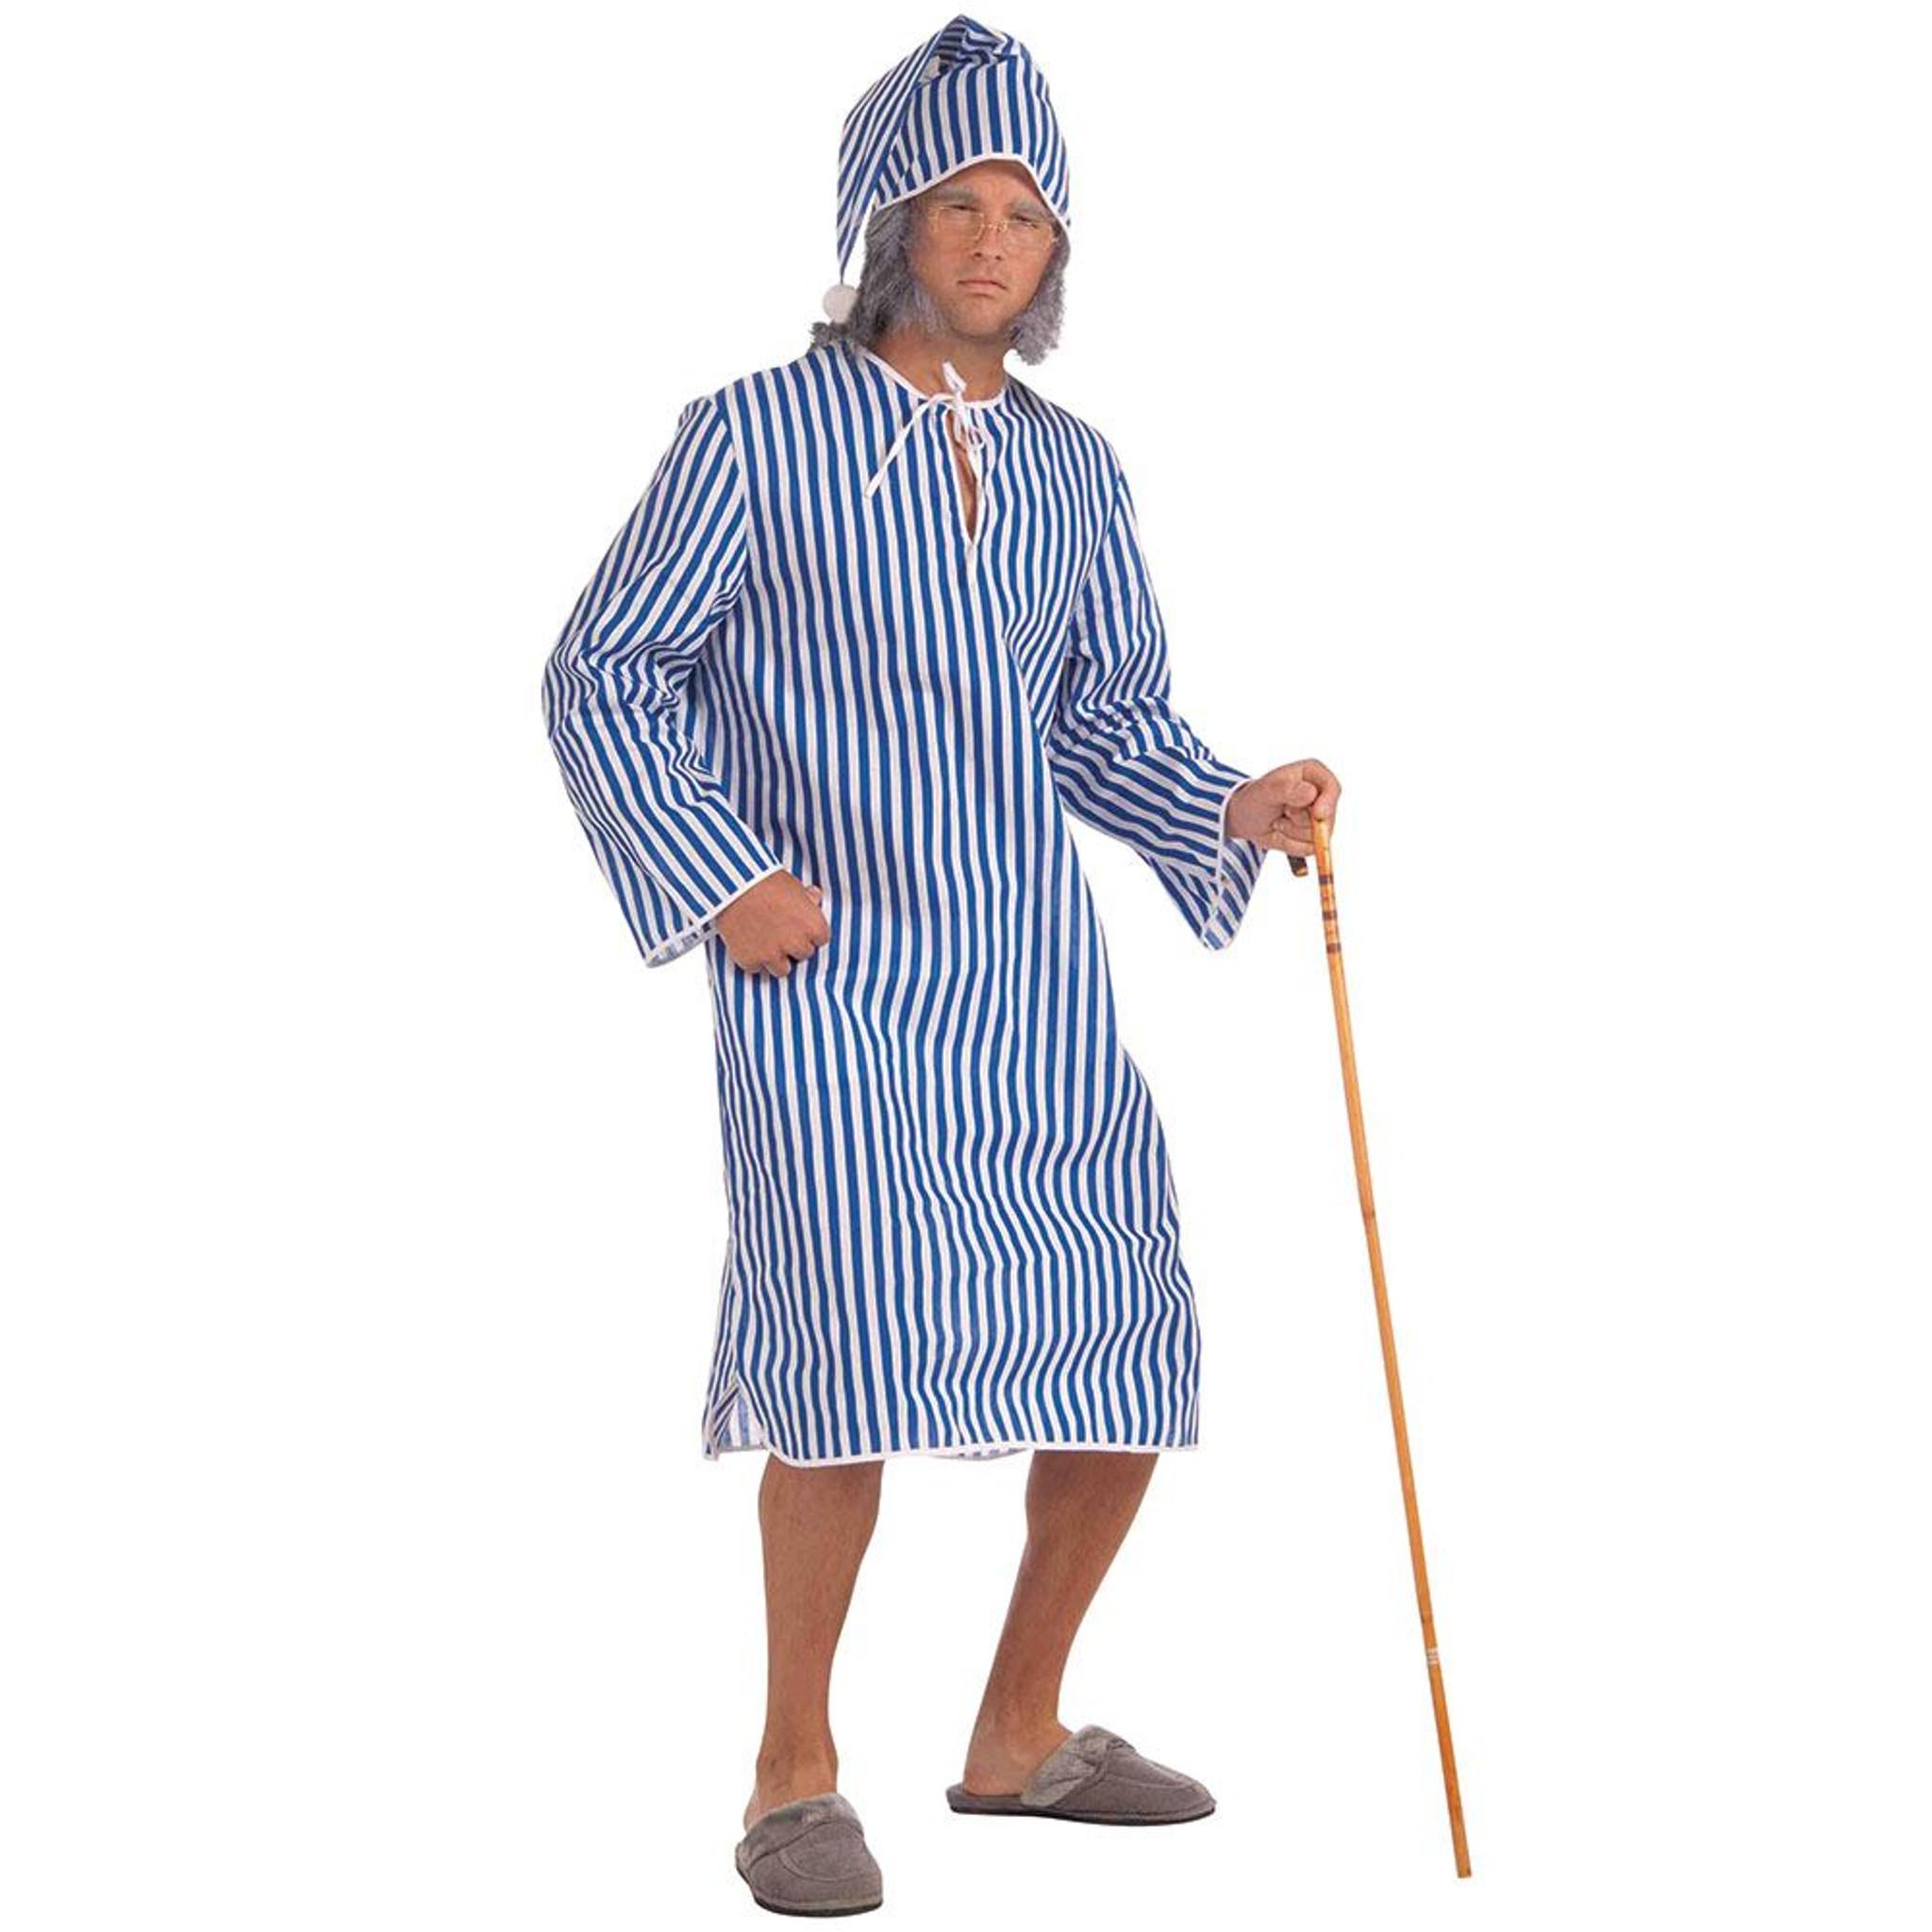 Christmas Fancy Dress.Scrooge Nightshirt Cap Christmas Fancy Dress Costume Chest Size 42